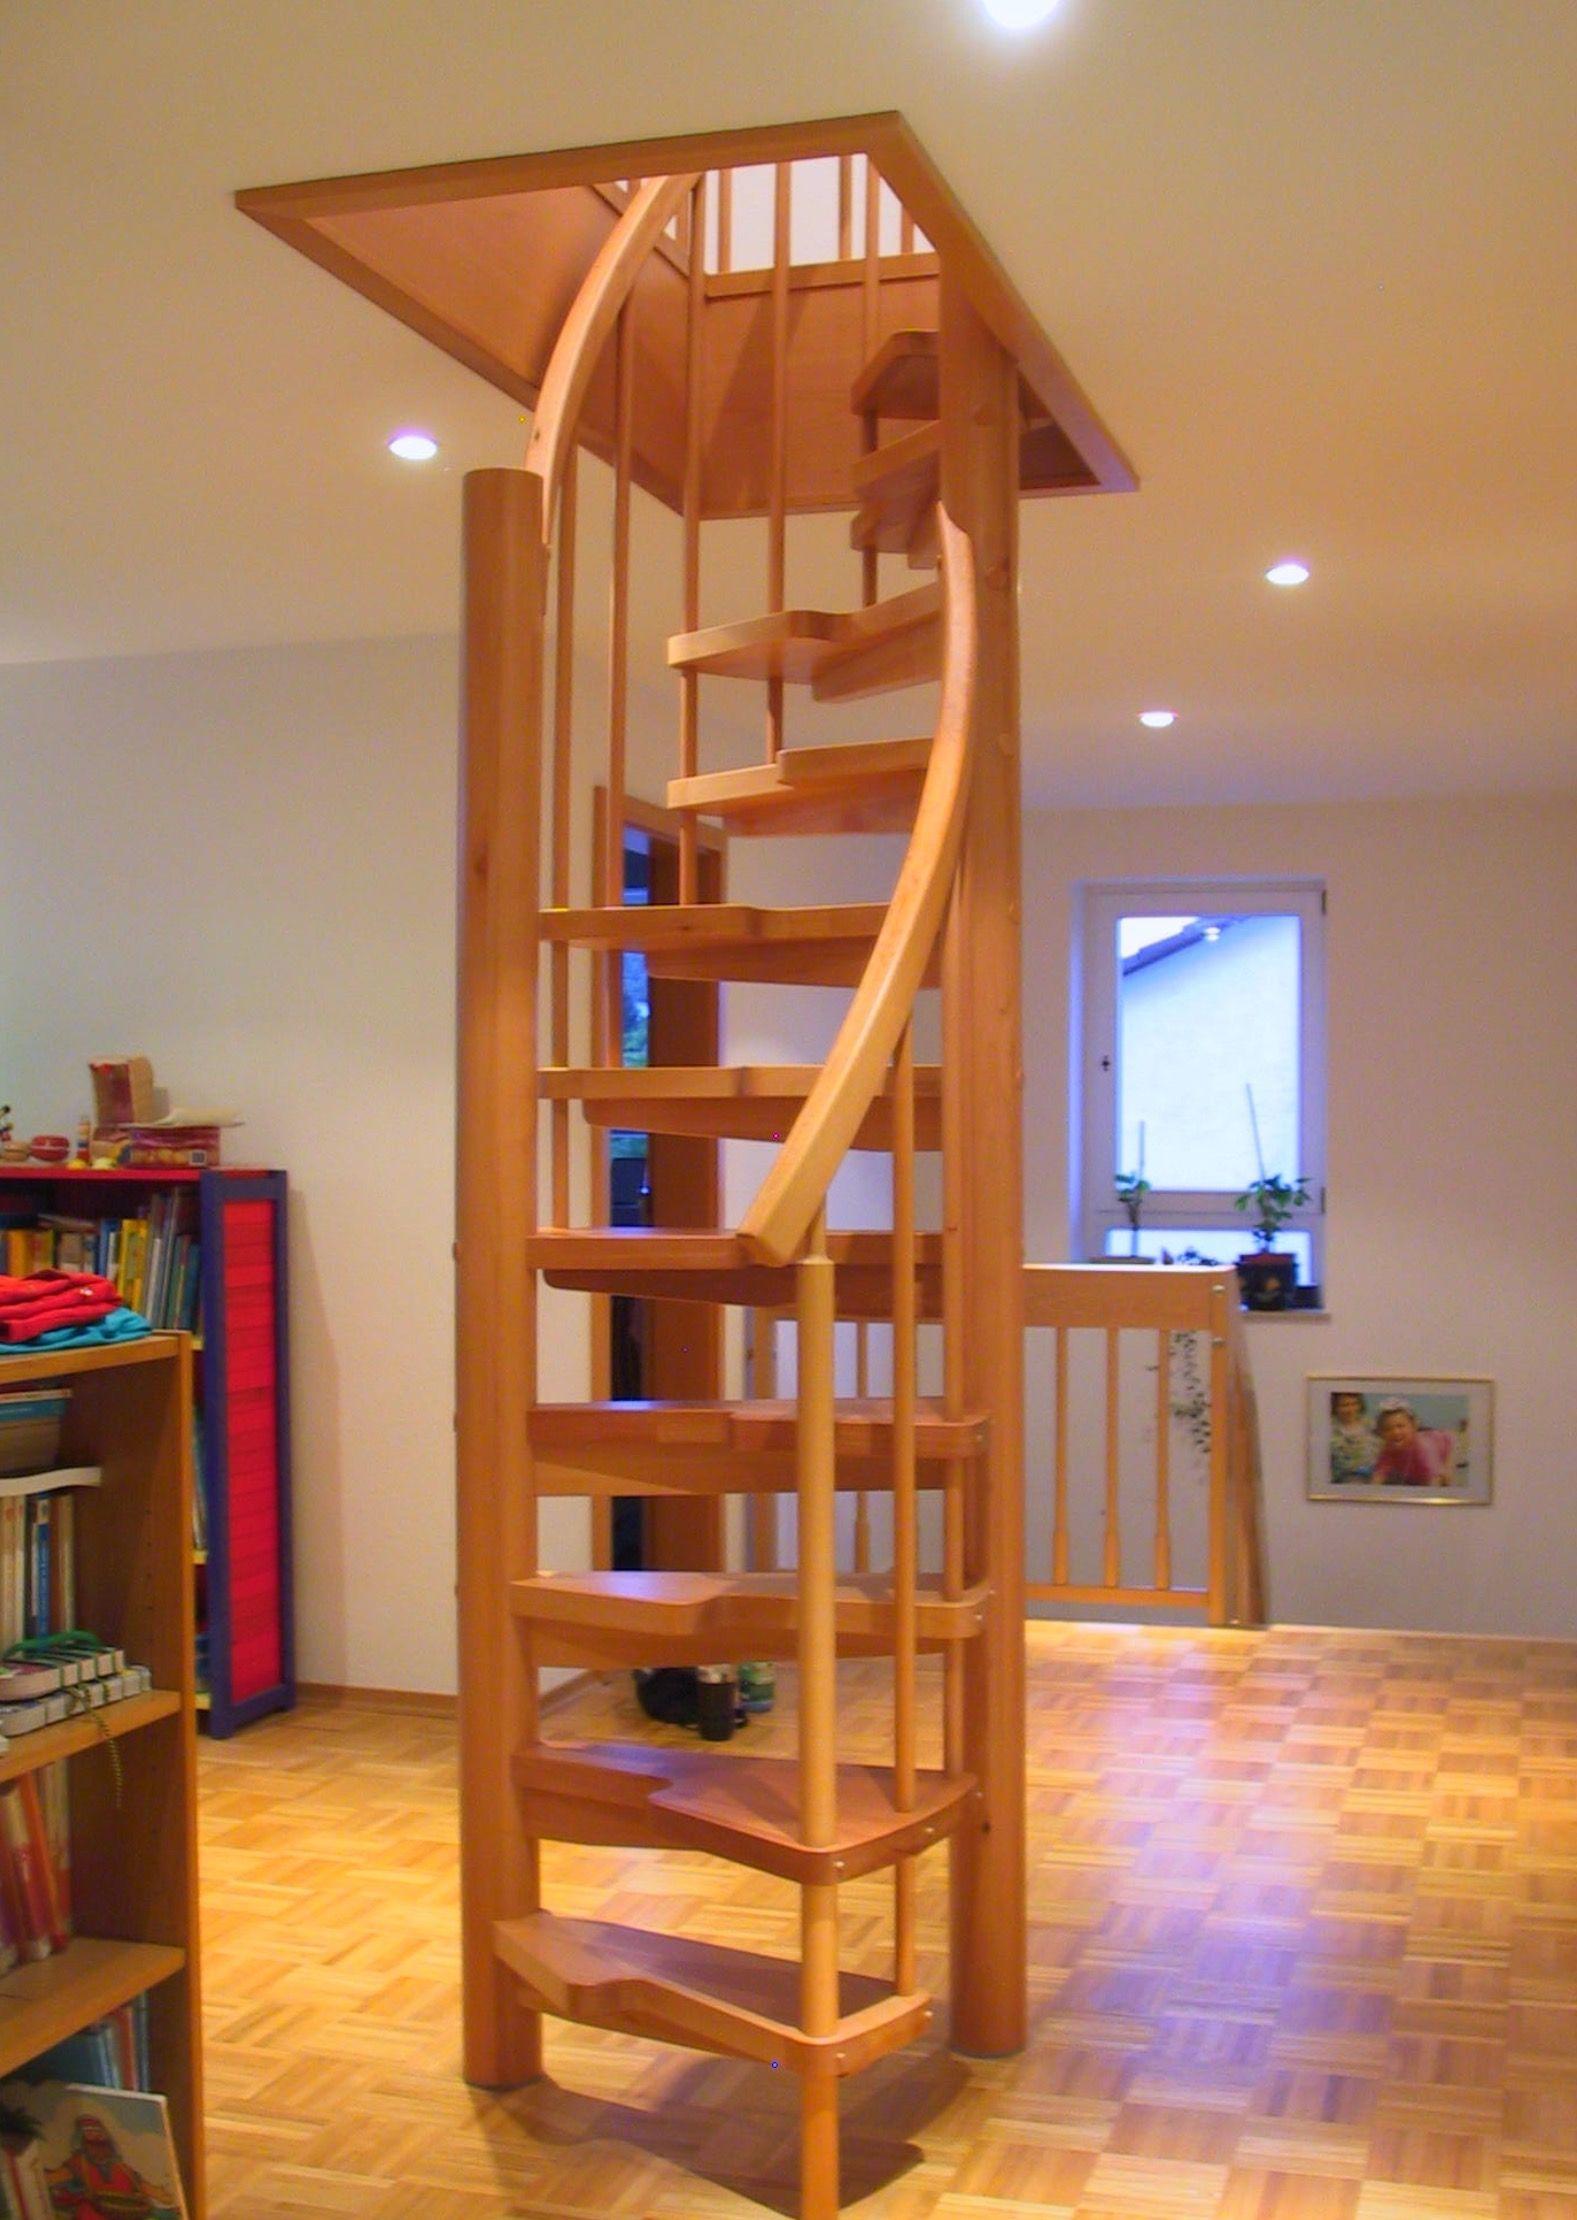 Fesselnde Dachboden Ausbauen Treppe Foto Von Space Saving Stairs . Group Image.